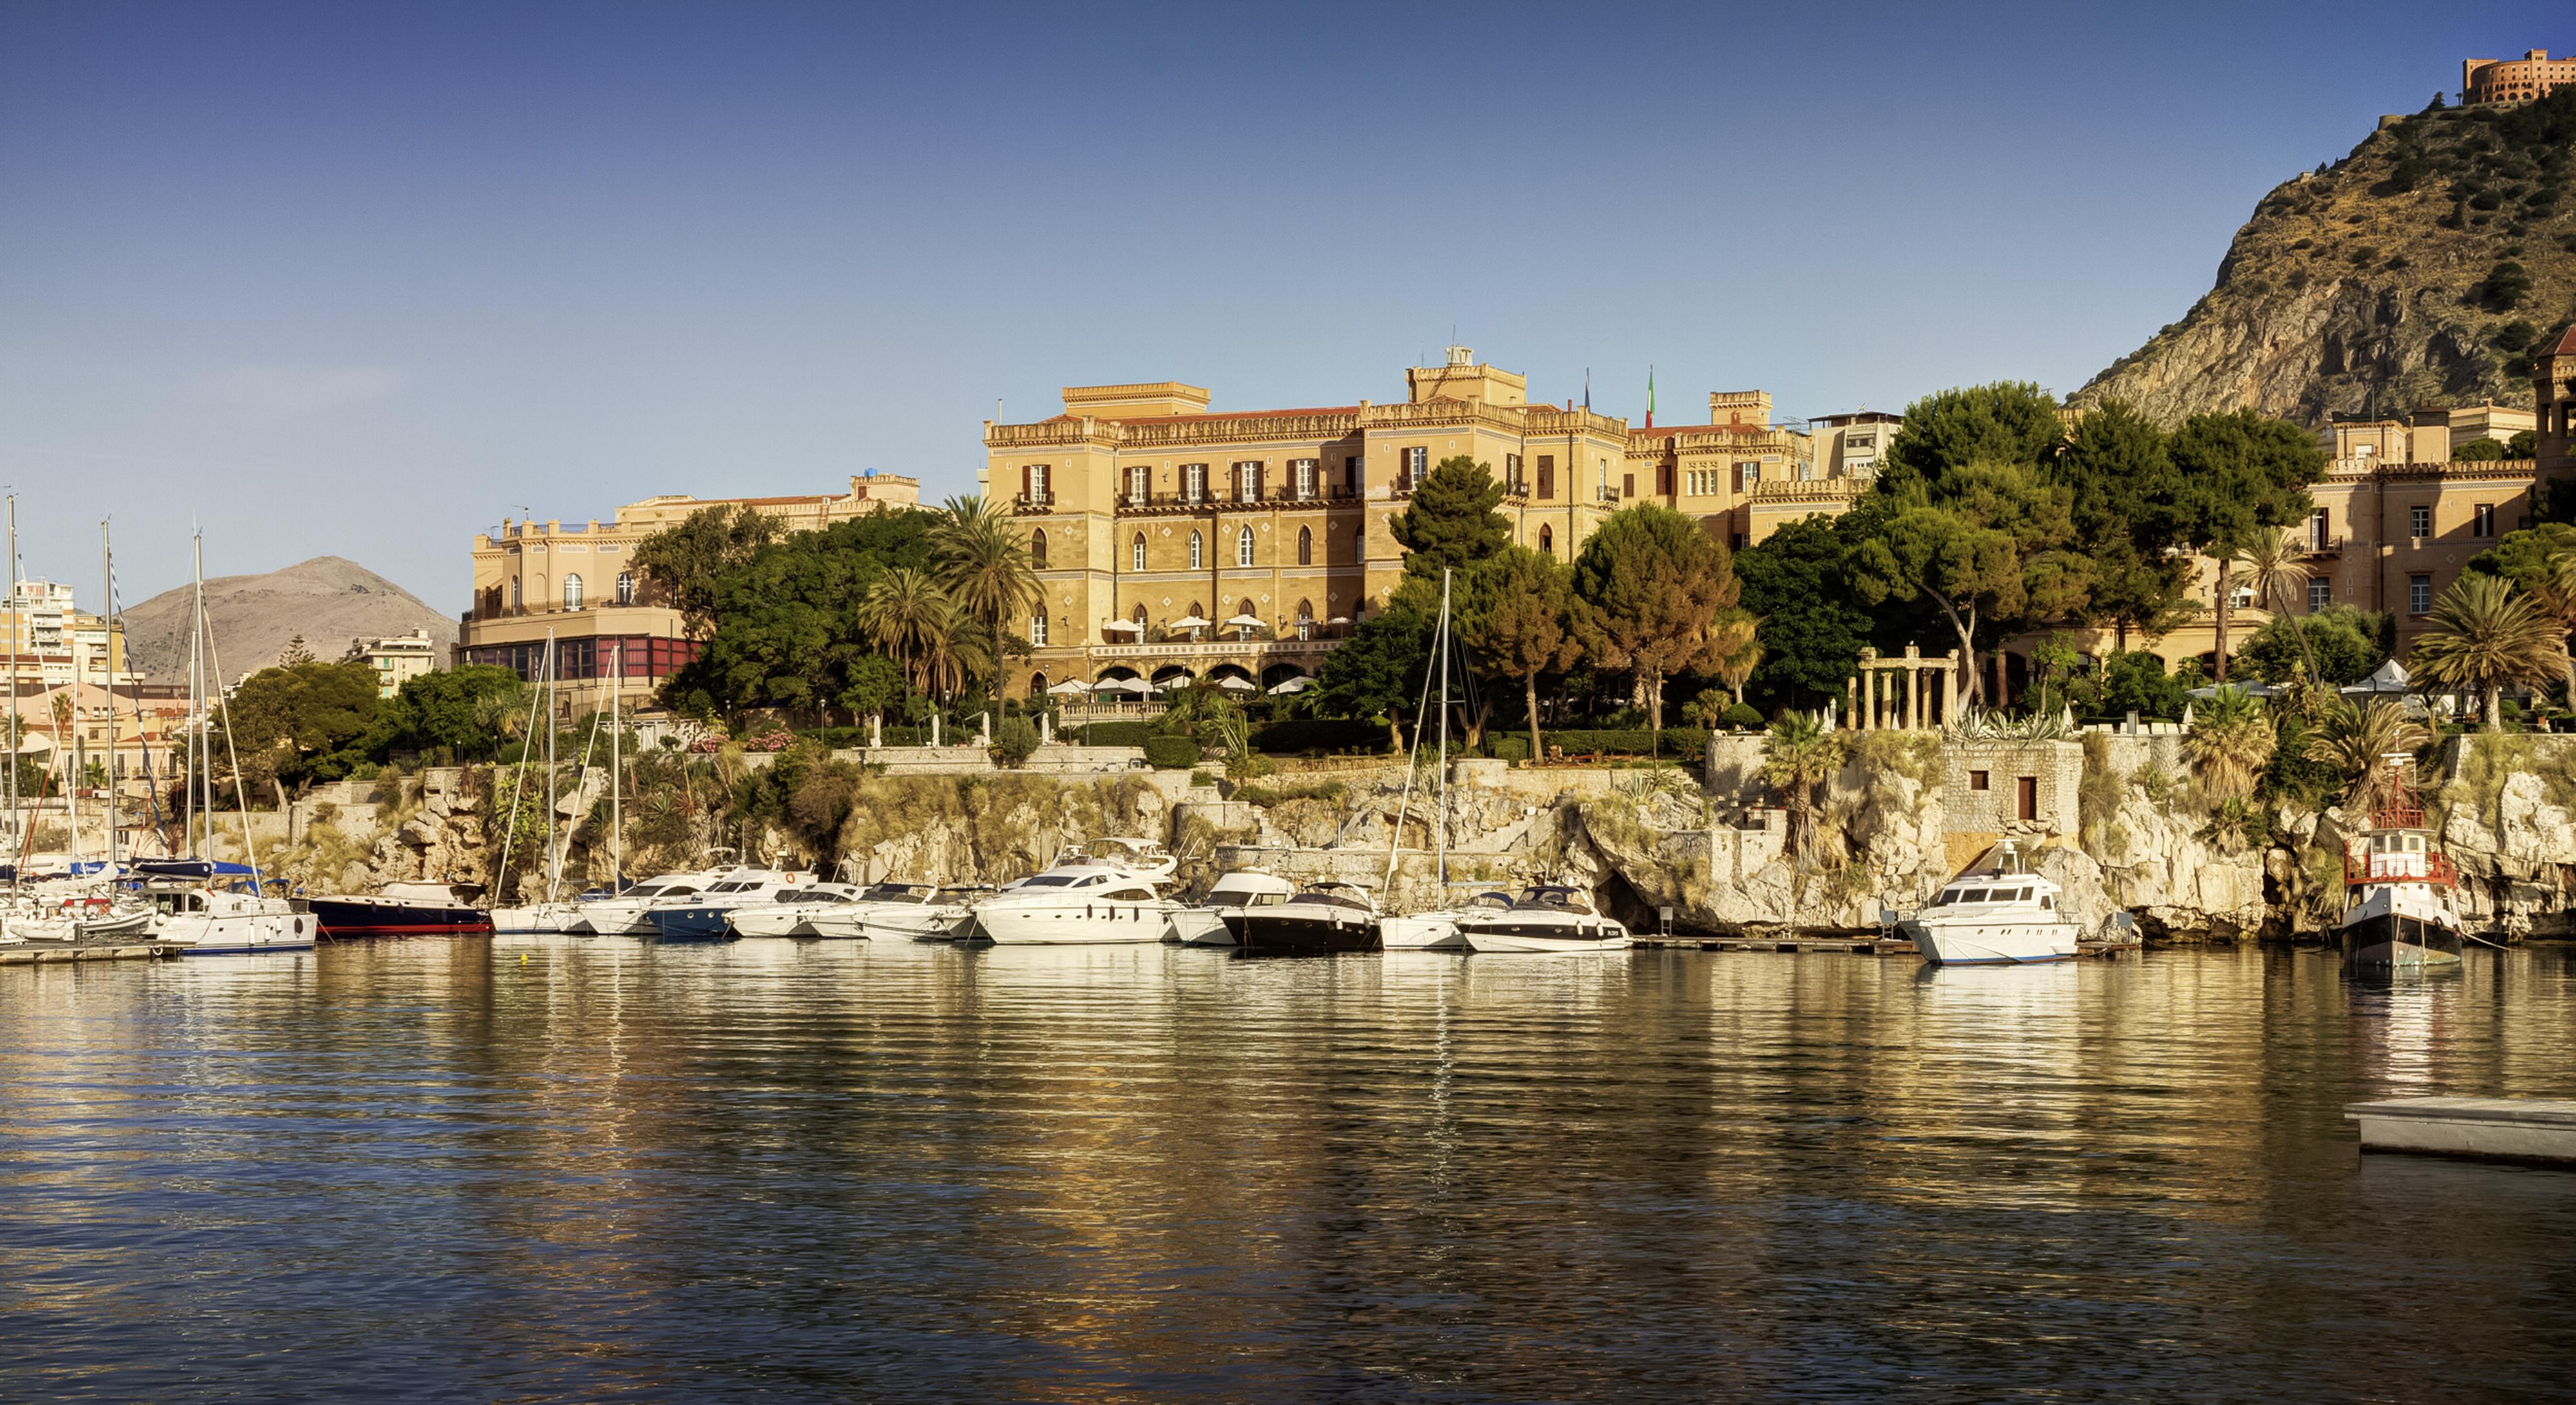 Una veduta del Grand Hotel Villa Igiea Palermo acquisito da Rocco Forte Hotels